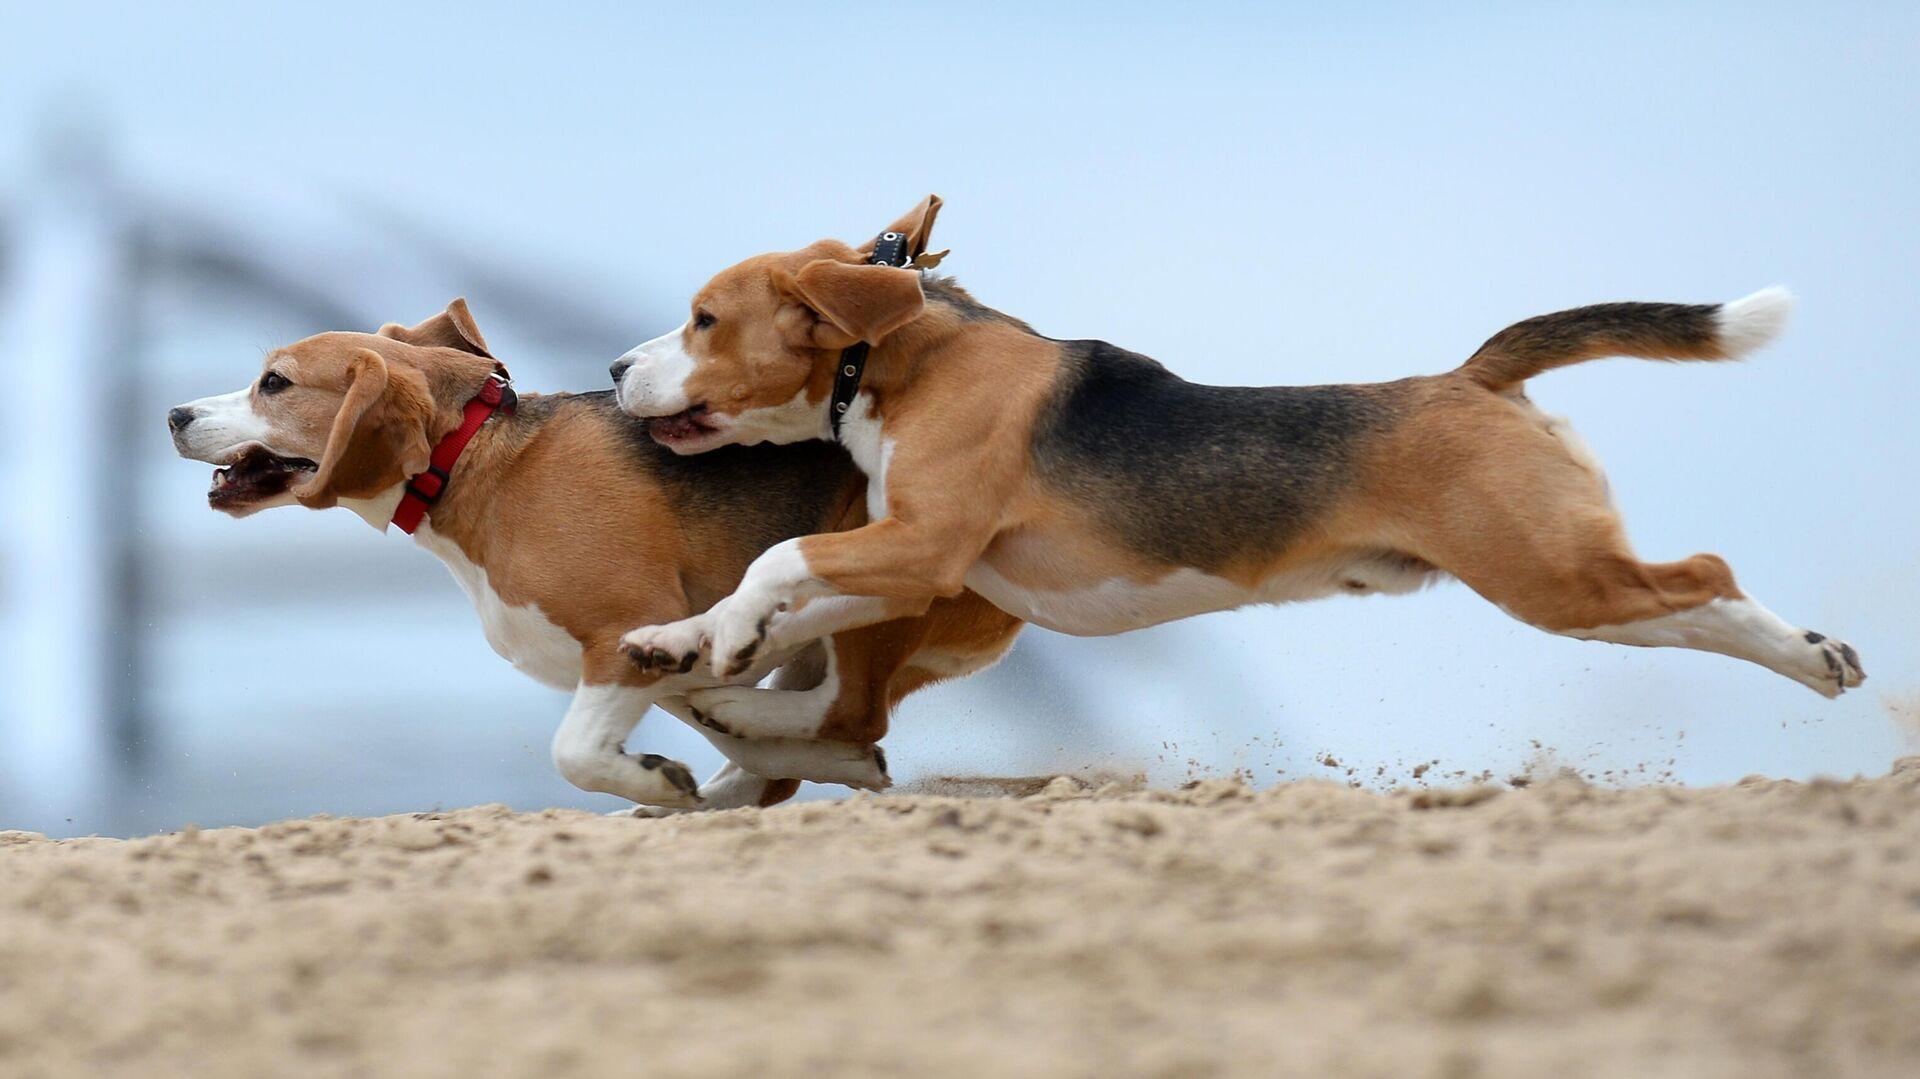 Собаки породы бигль во время тренировки собак  - РИА Новости, 1920, 06.12.2020